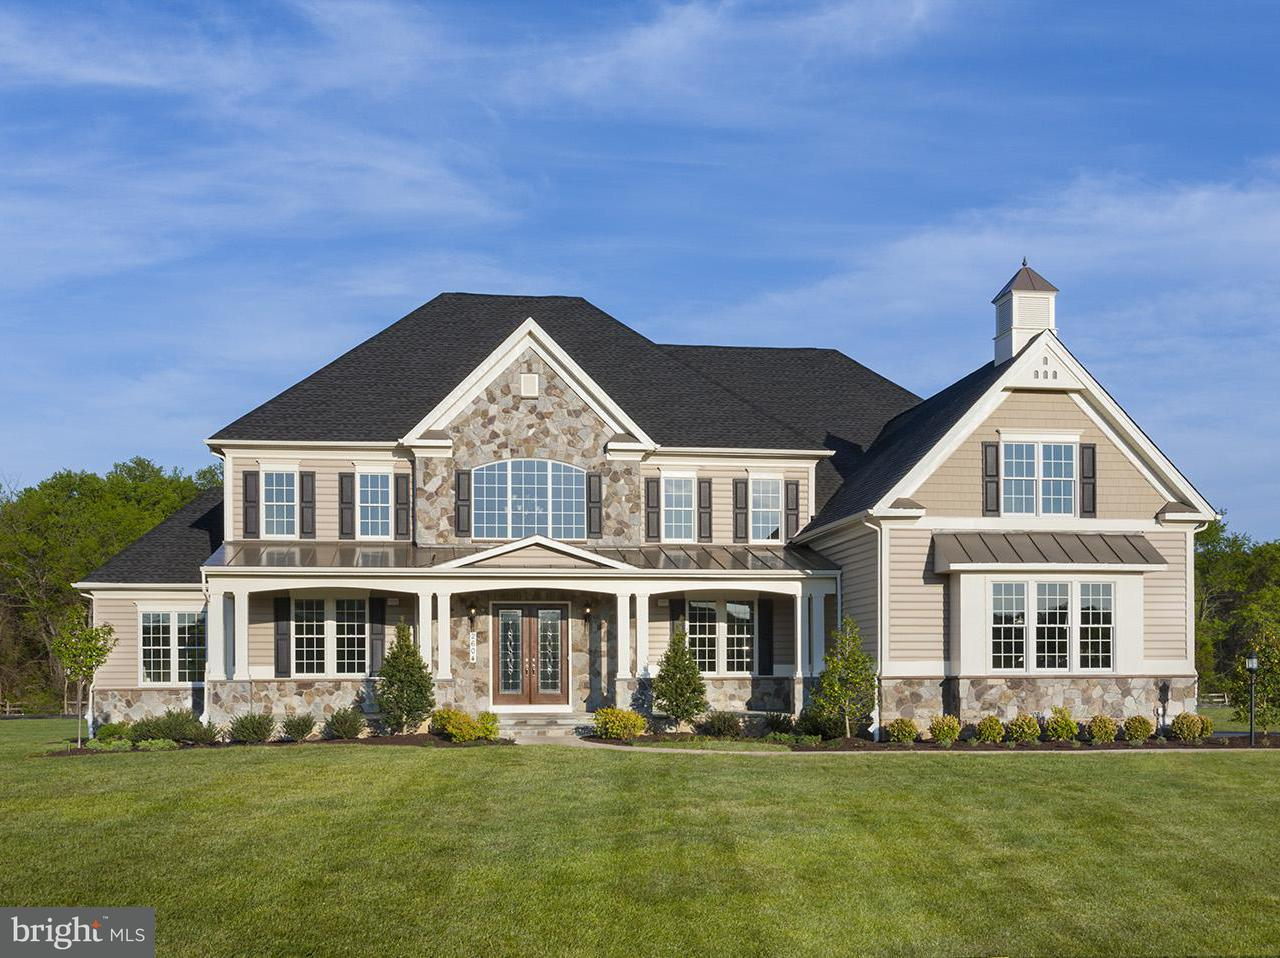 Частный односемейный дом для того Продажа на 16658 Bridle Ridge Lane 16658 Bridle Ridge Lane Olney, Мэриленд 20832 Соединенные Штаты